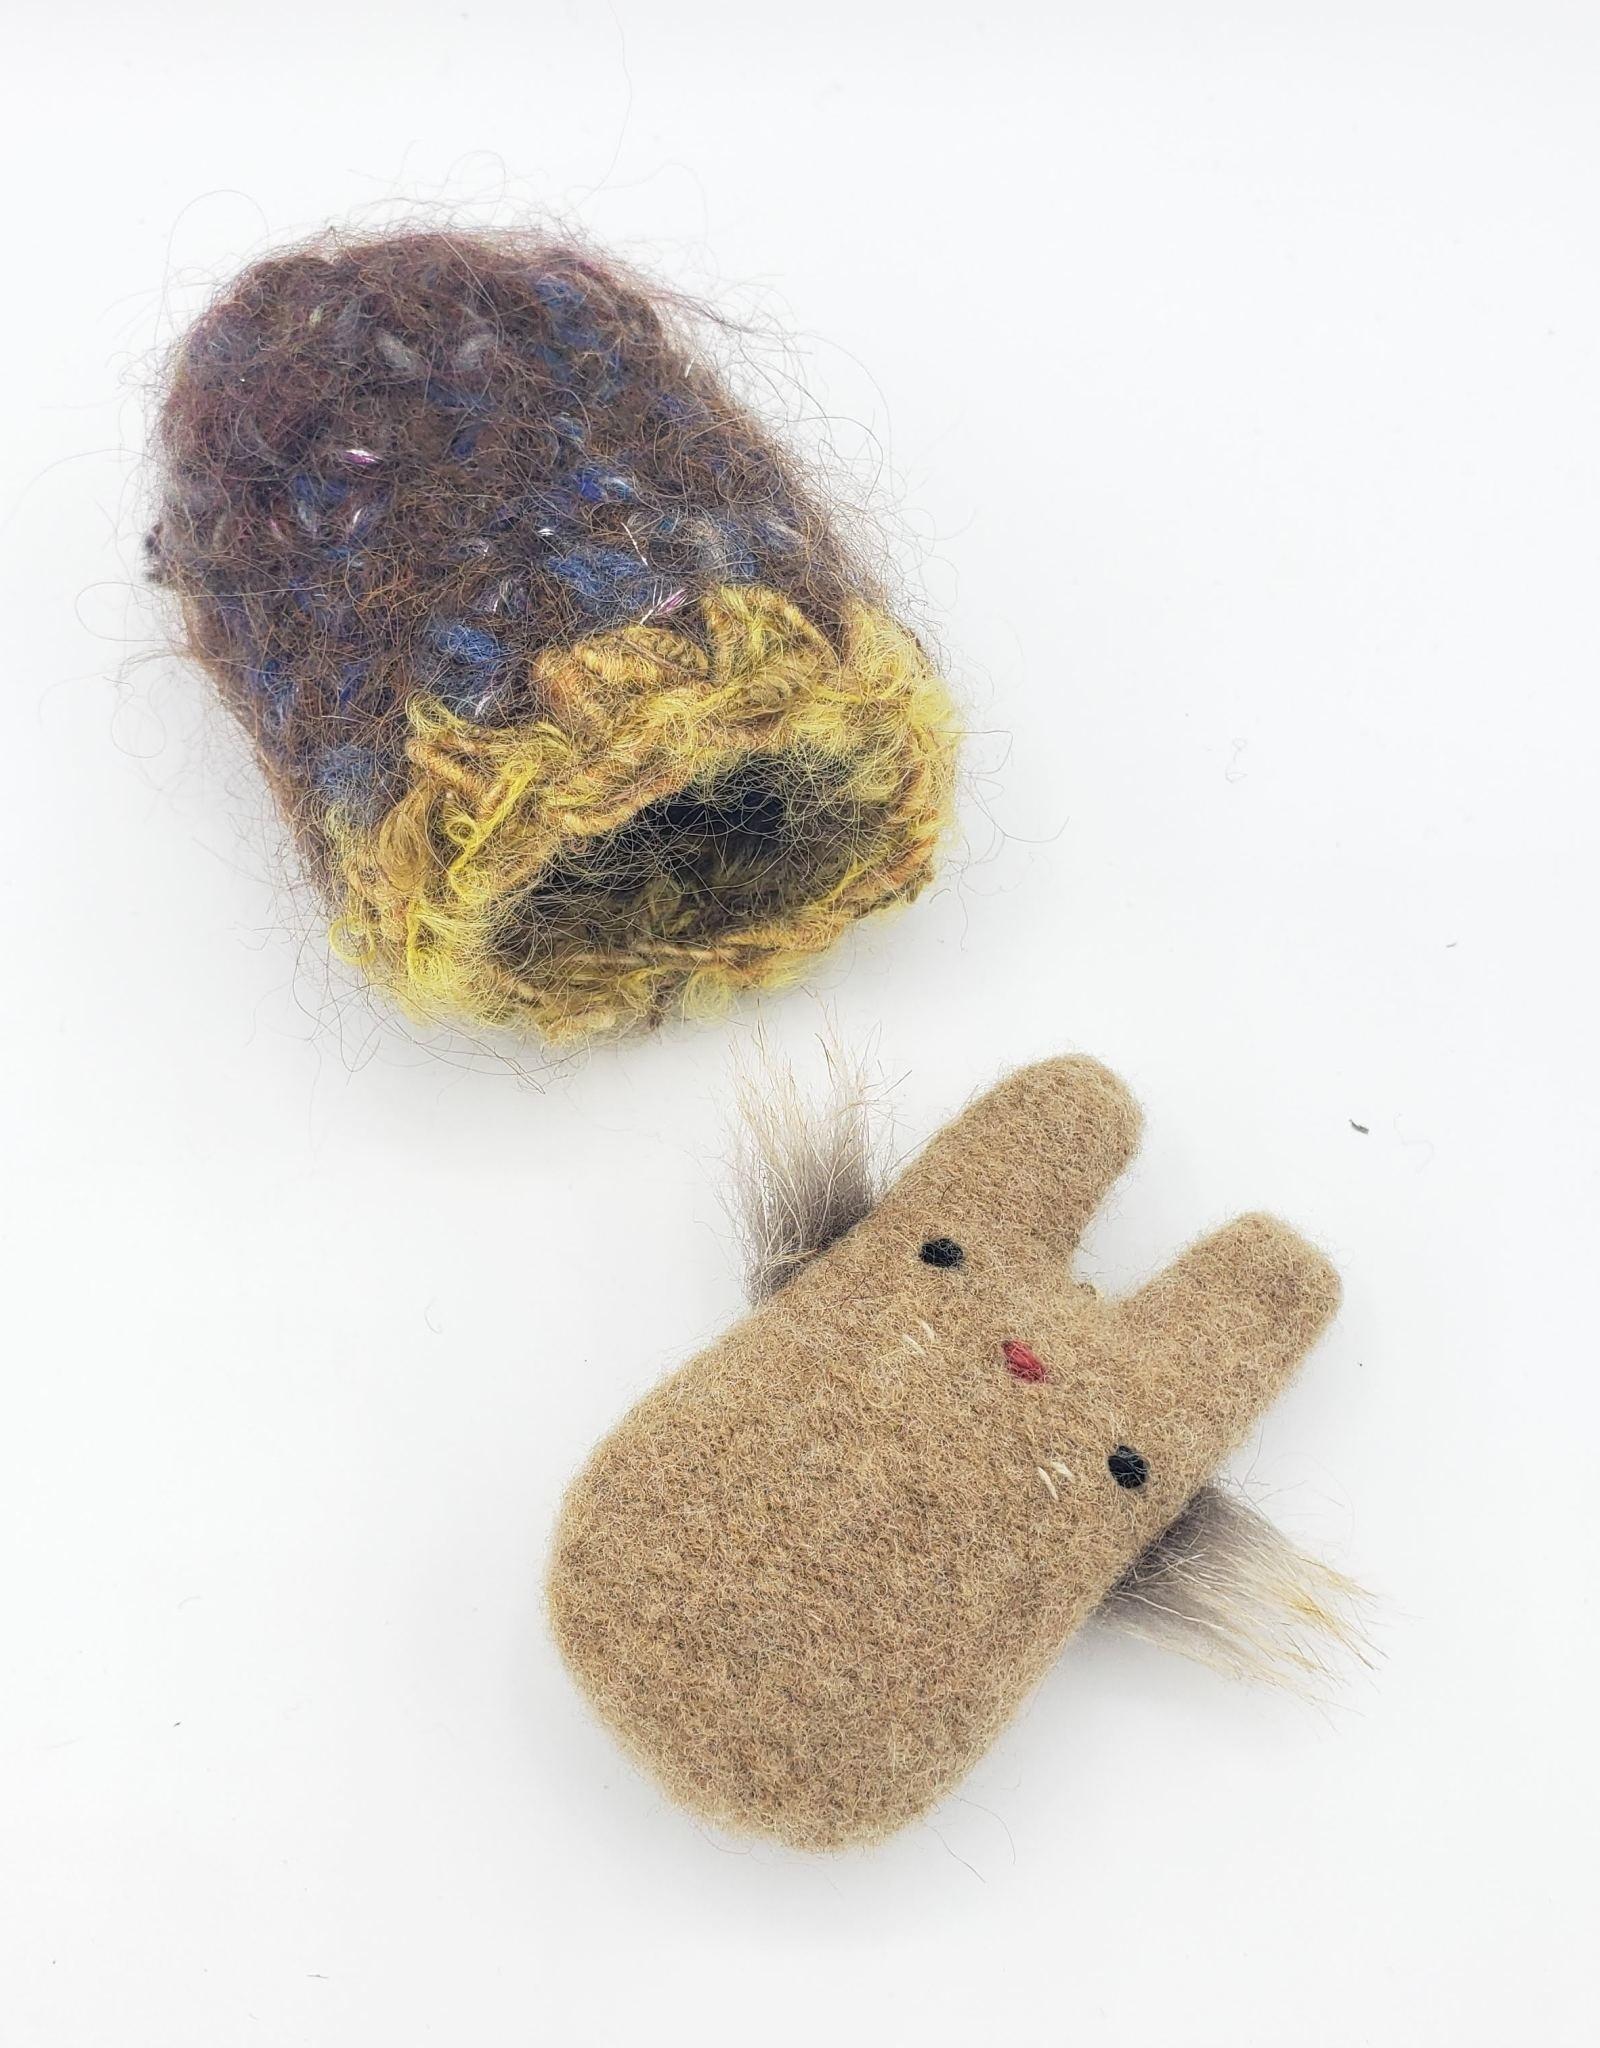 Mocha Tiny Recycled Sweater WeeKinnie Plushie with Nest